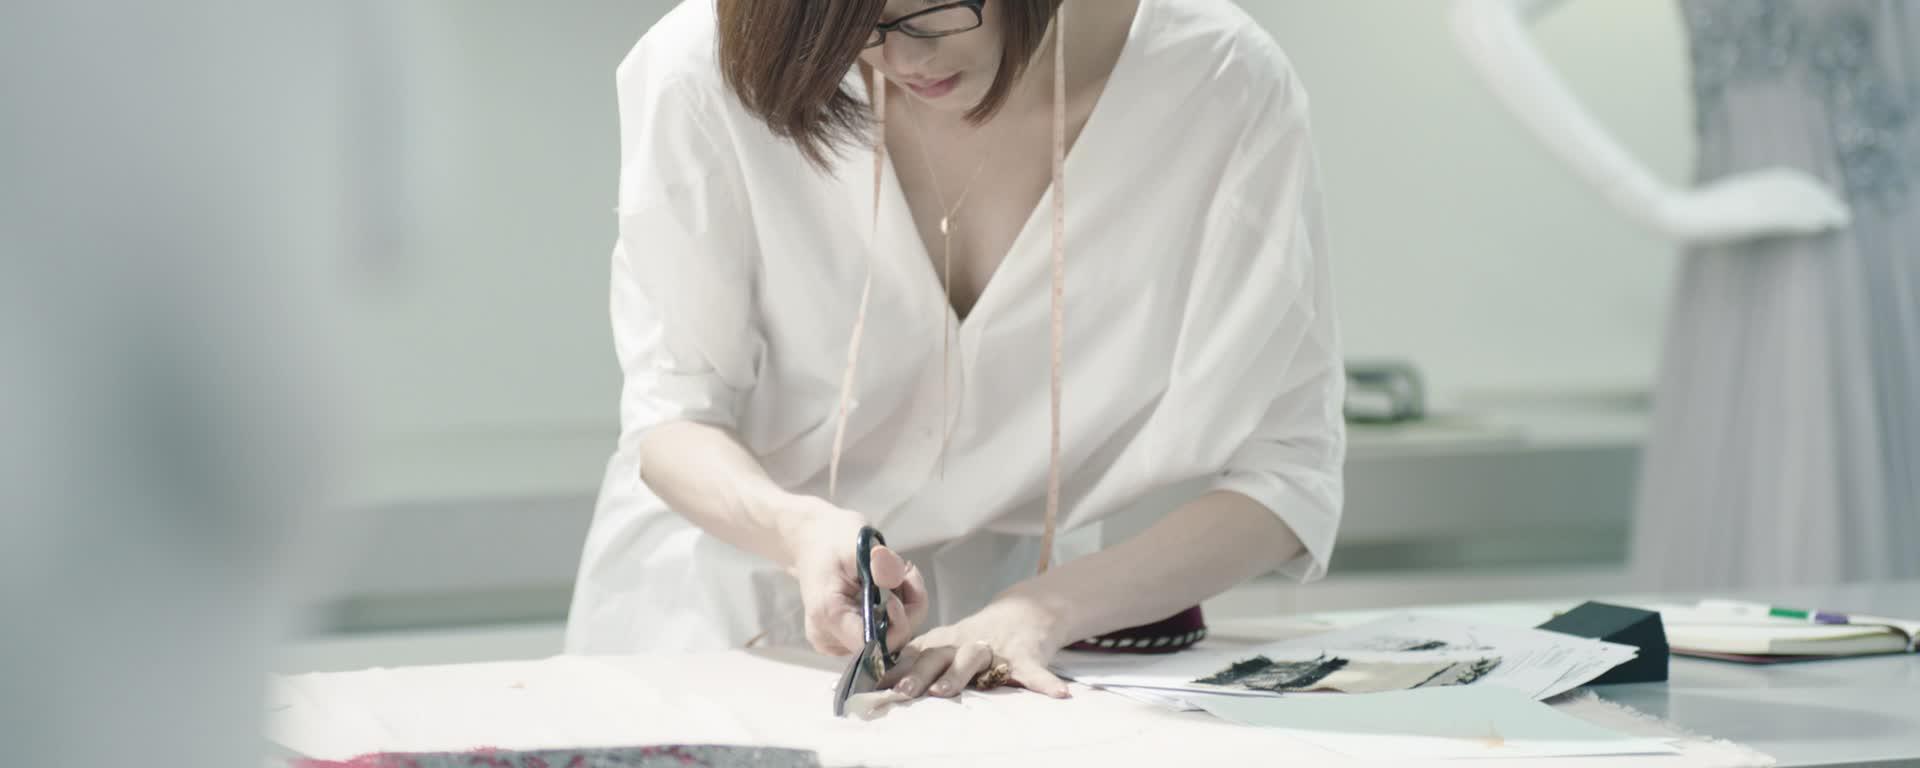 服装设计师萧菲